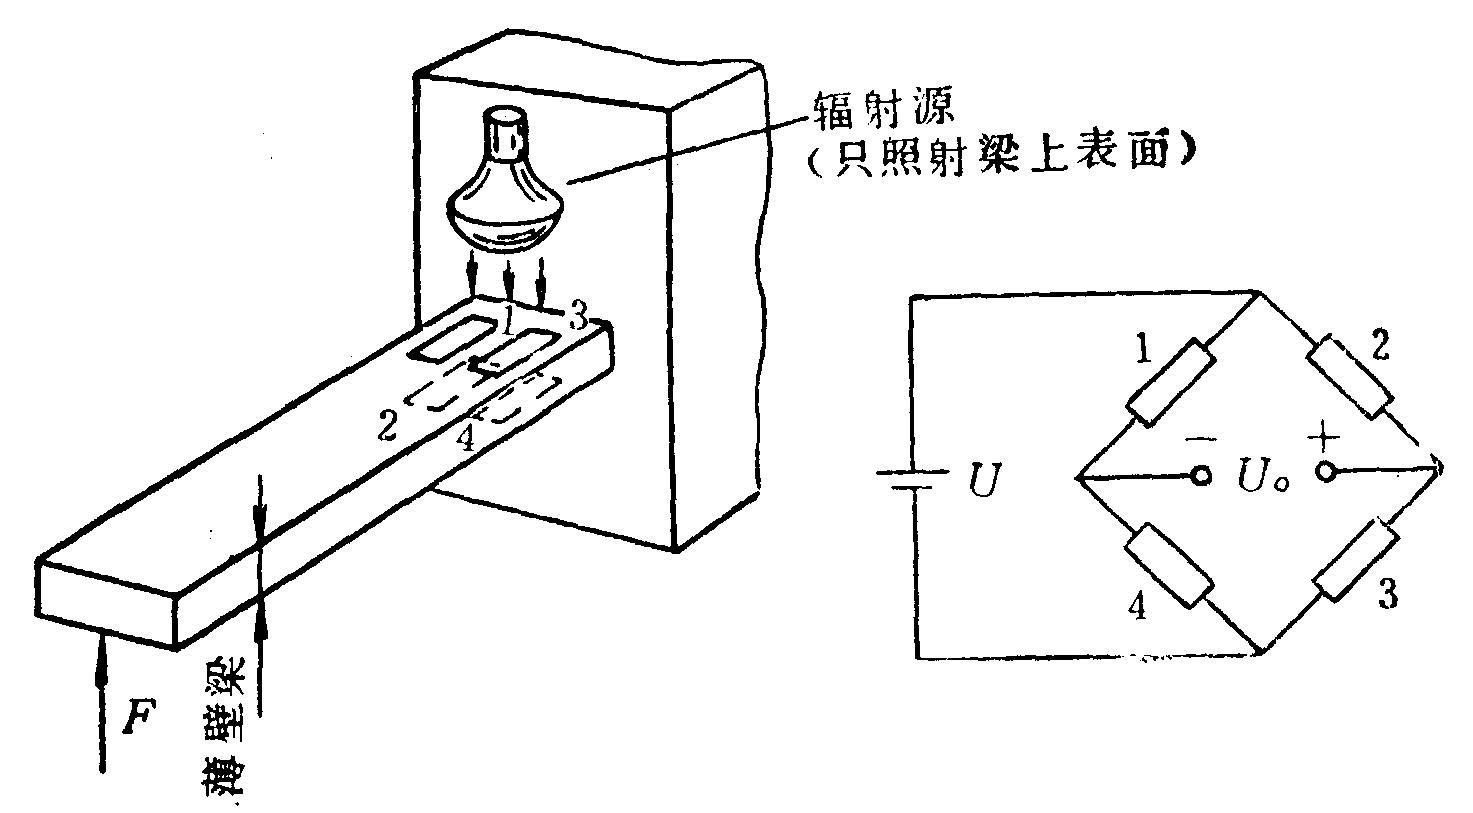 材料加工原理习题_传感器原理与应用习题及答案_文档下载